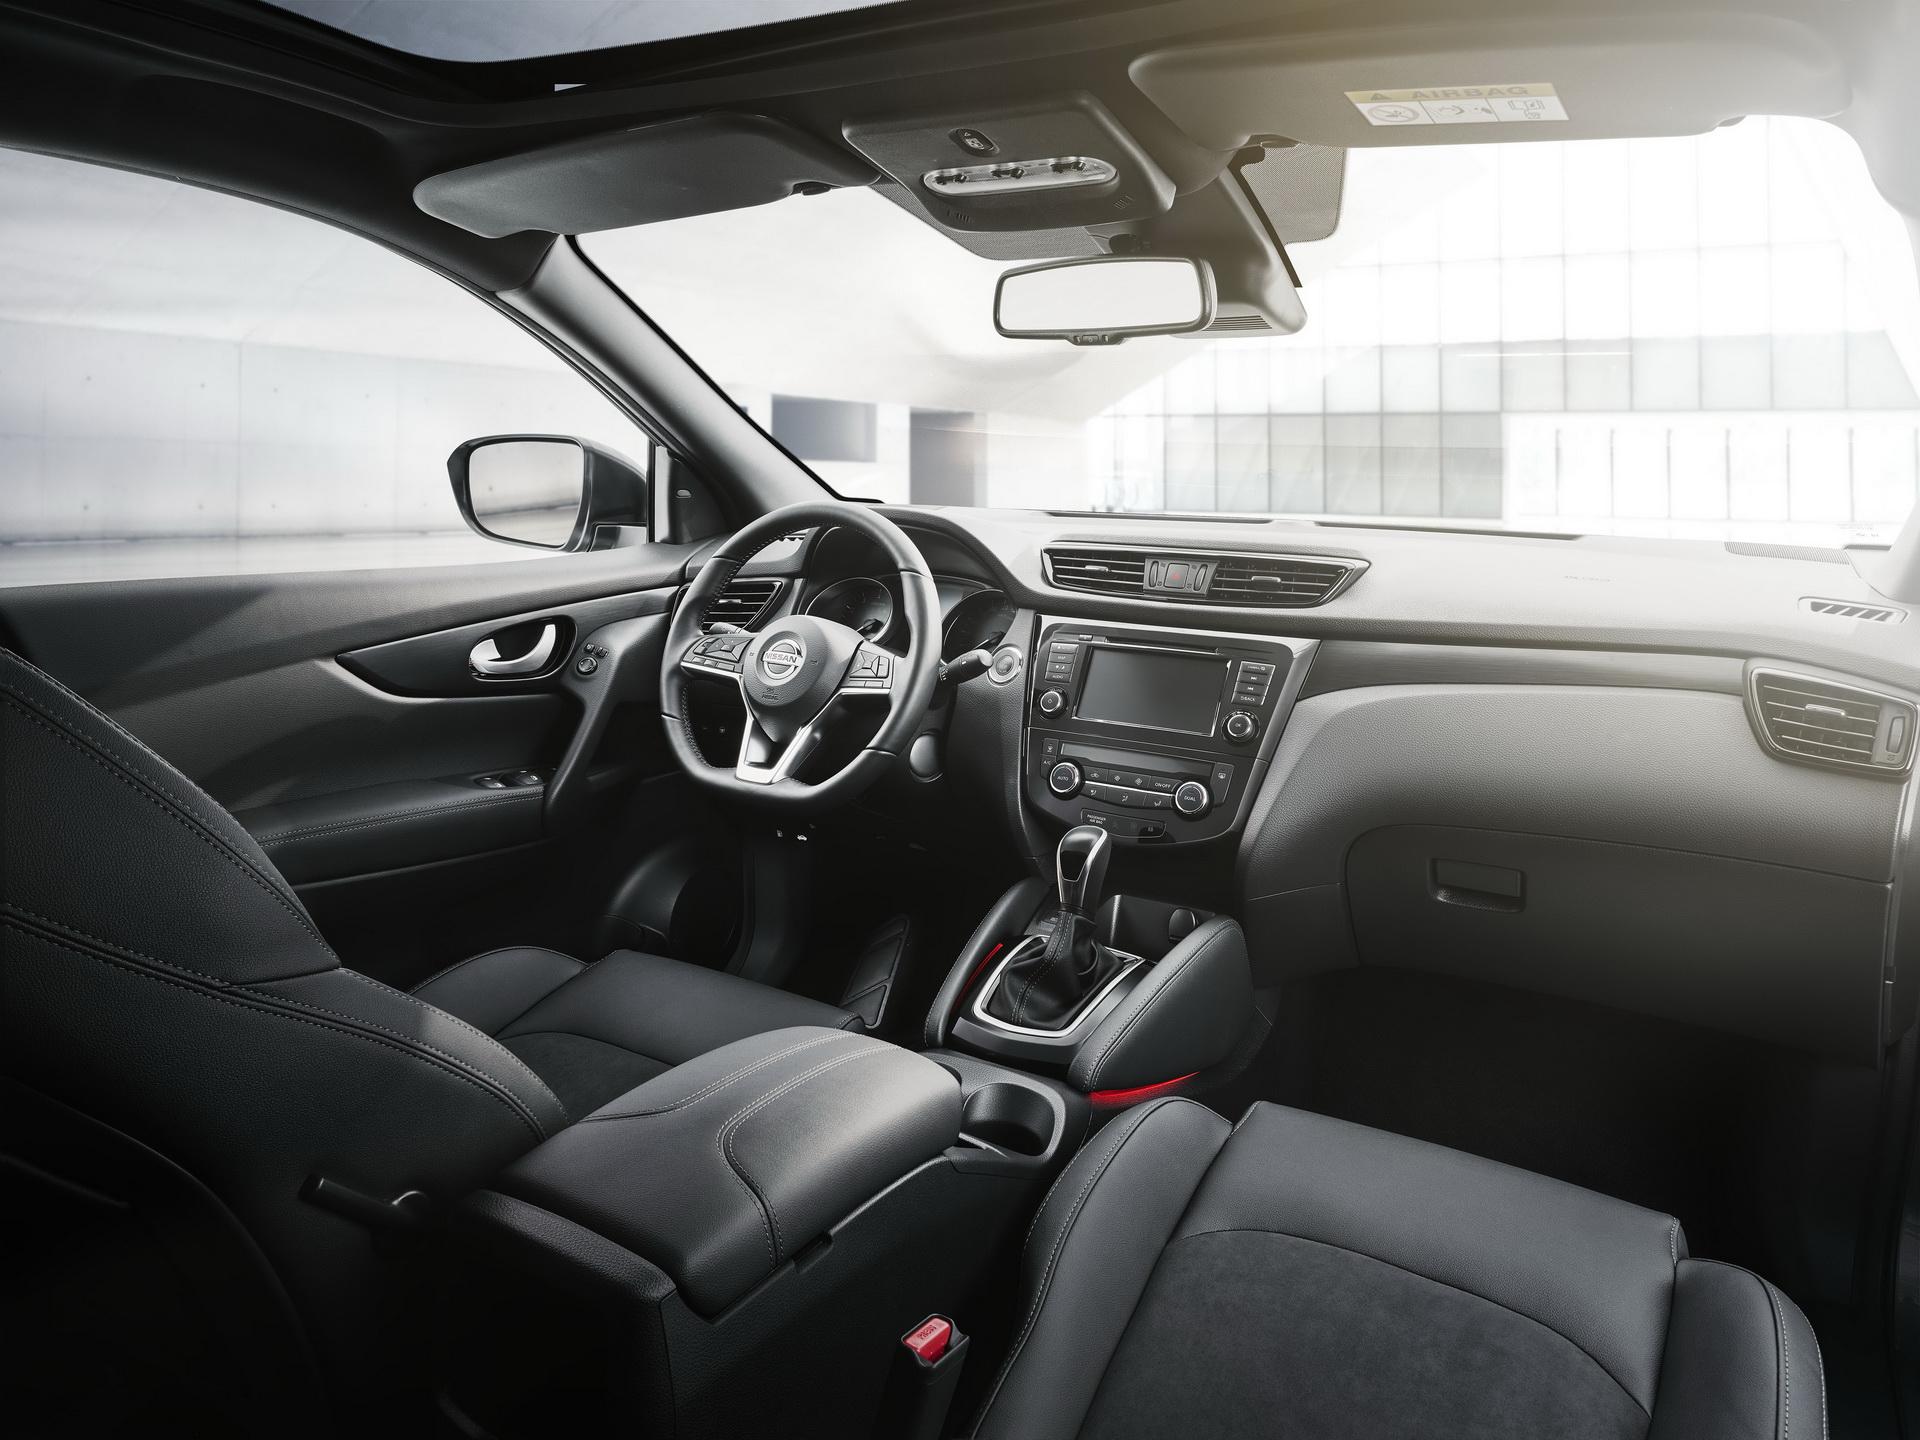 Nissan ra mắt X-Trail bản N-Tec tại châu Âu: cao cấp, hiện đại hơn